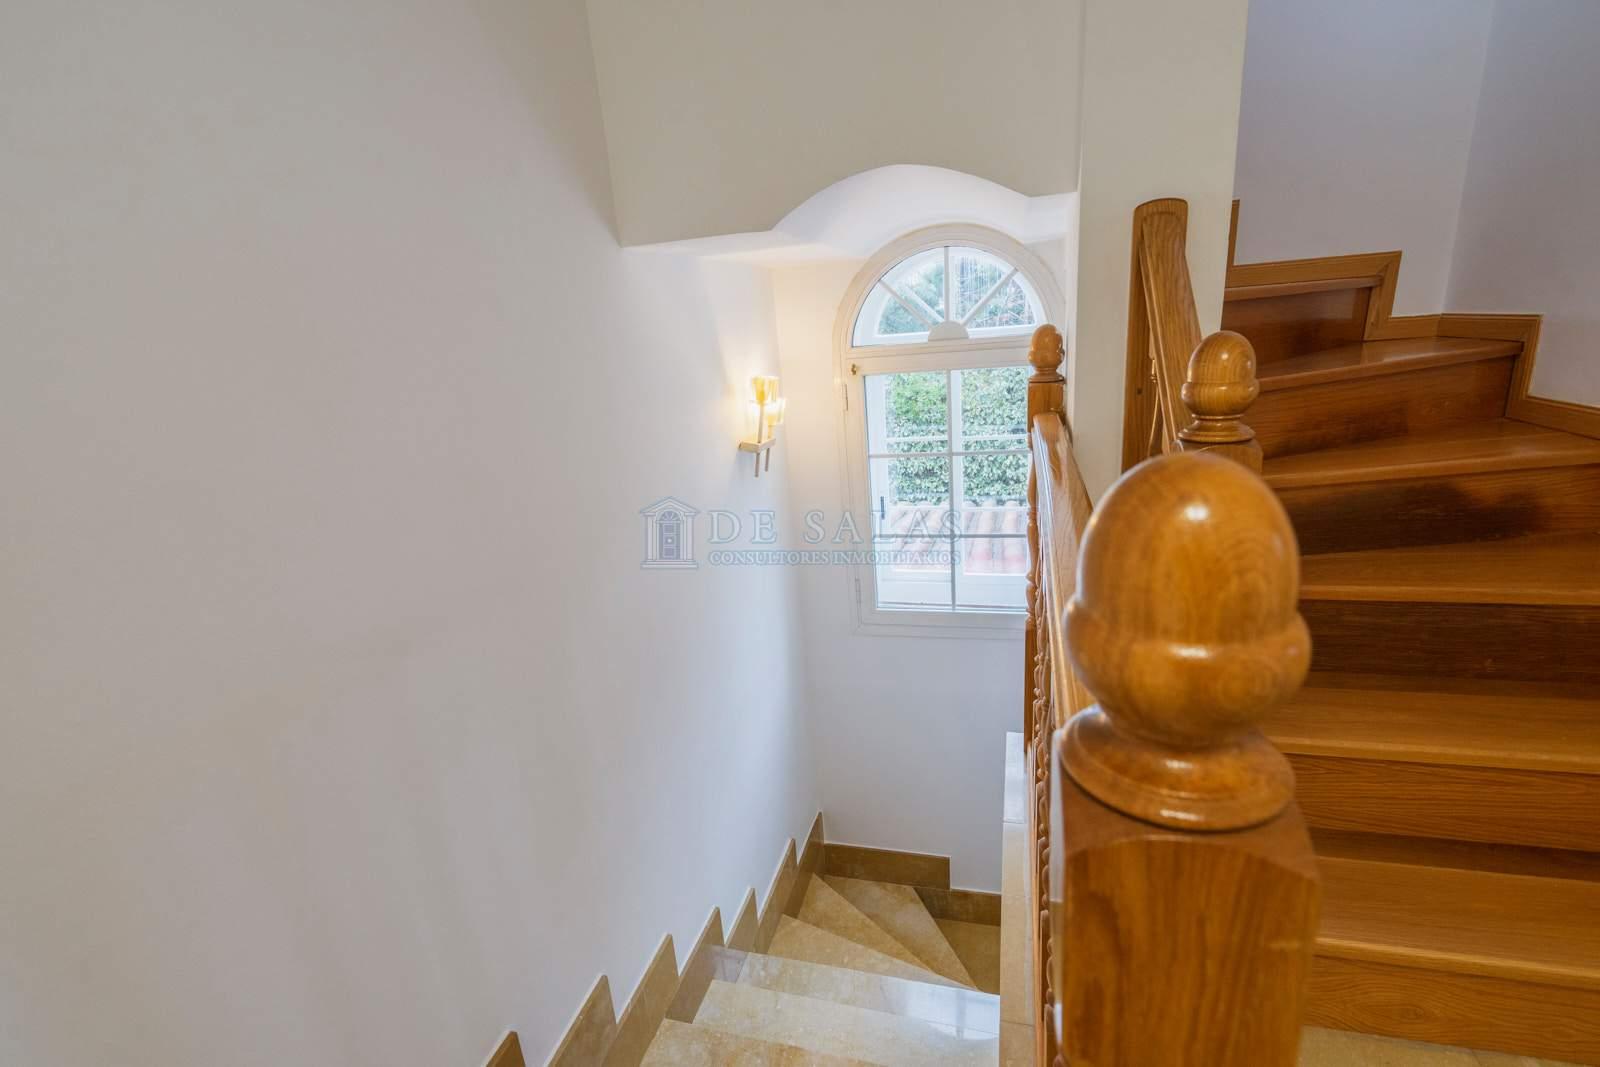 Escalera-32 House El Encinar de los Reyes